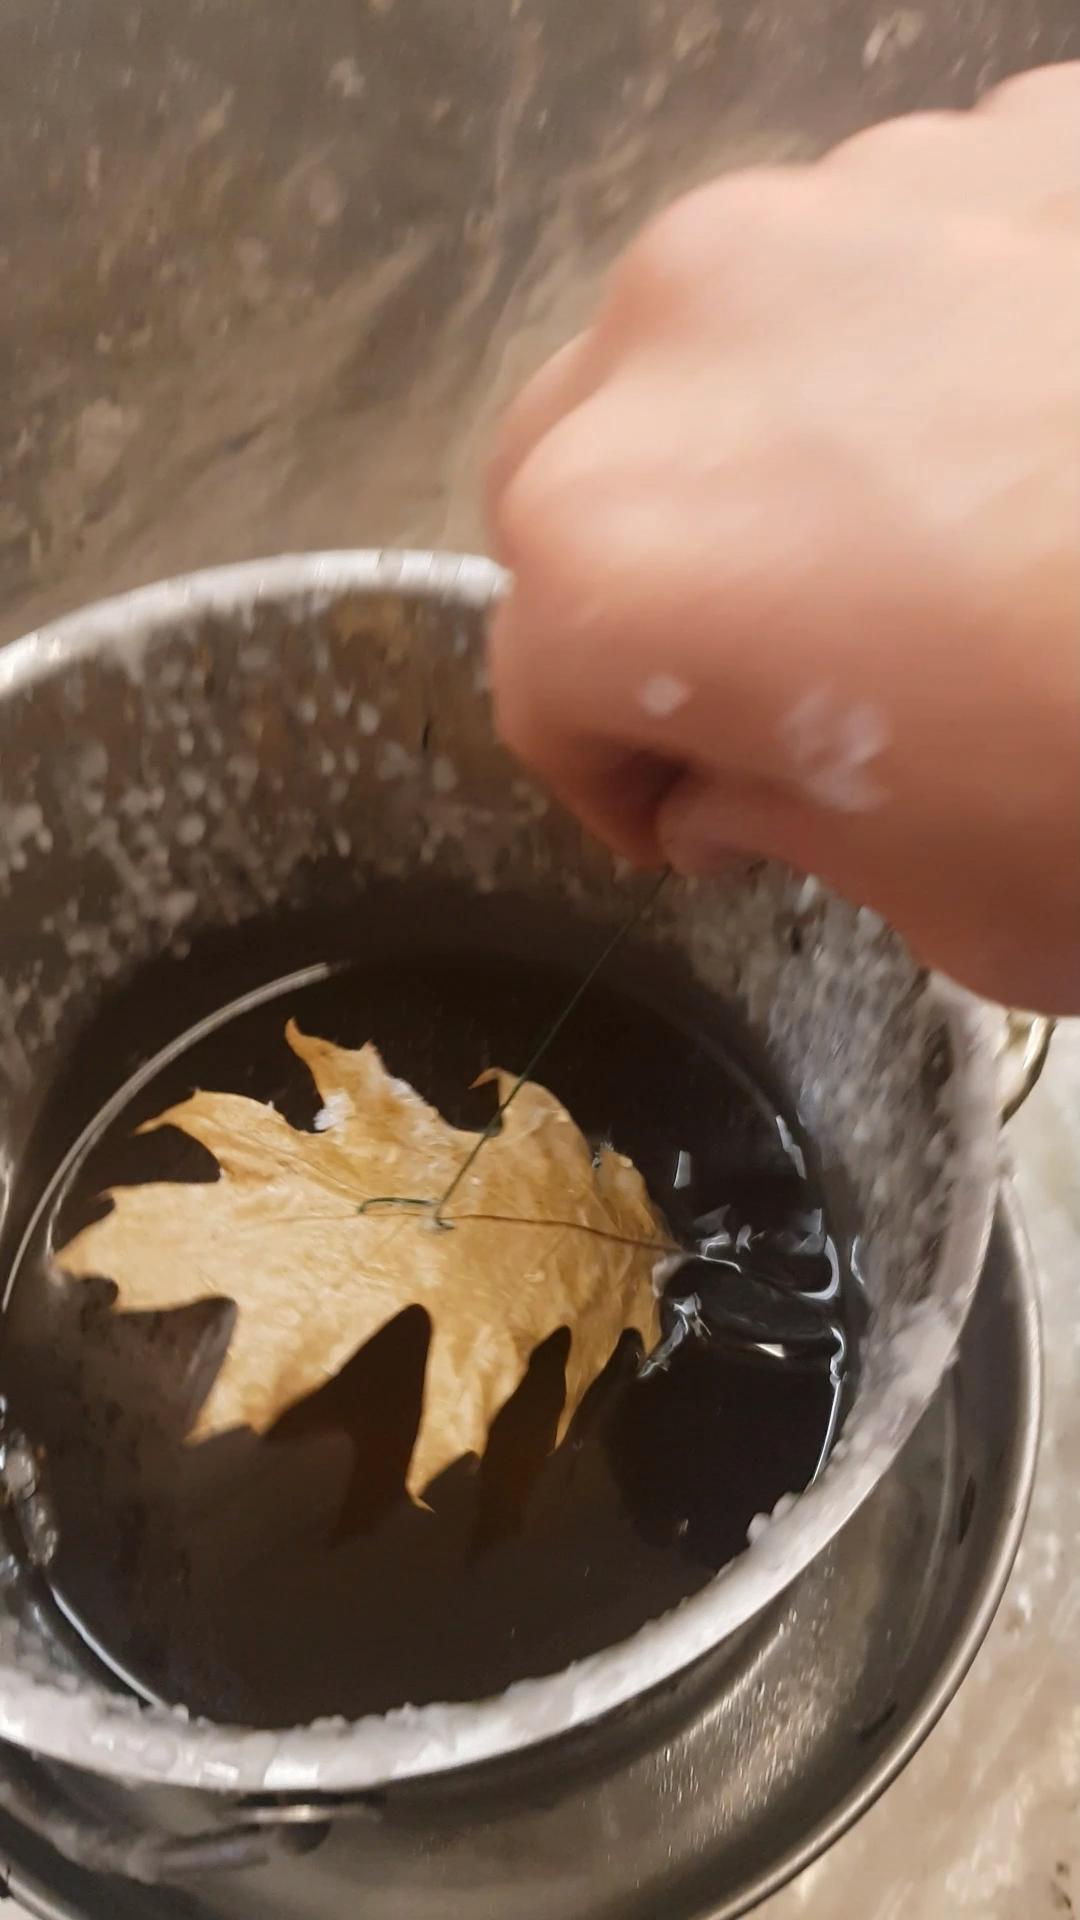 Herbst Blatt mit Wachs überziehen #dekoherbst